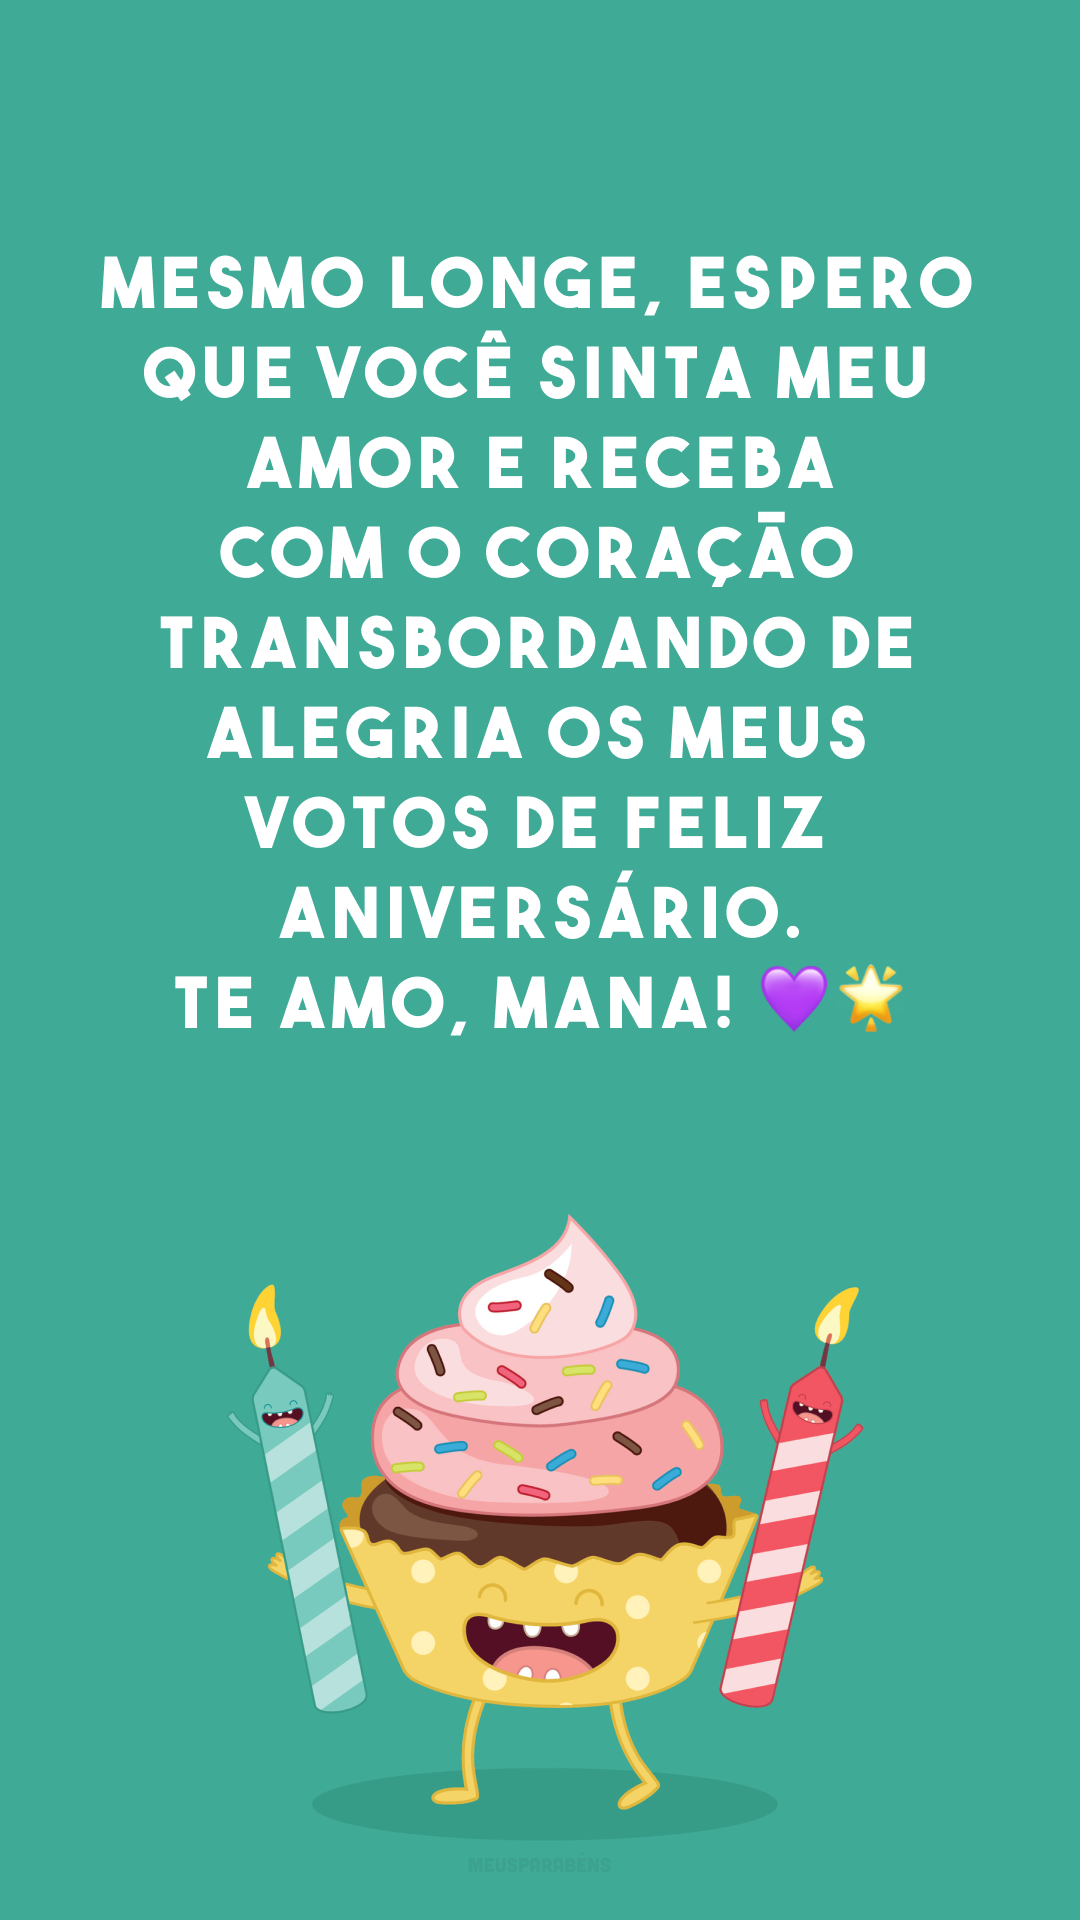 Mesmo longe, espero que você sinta meu amor e receba com o coração transbordando de alegria os meus votos de feliz aniversário. Te amo, mana! 💜🌟